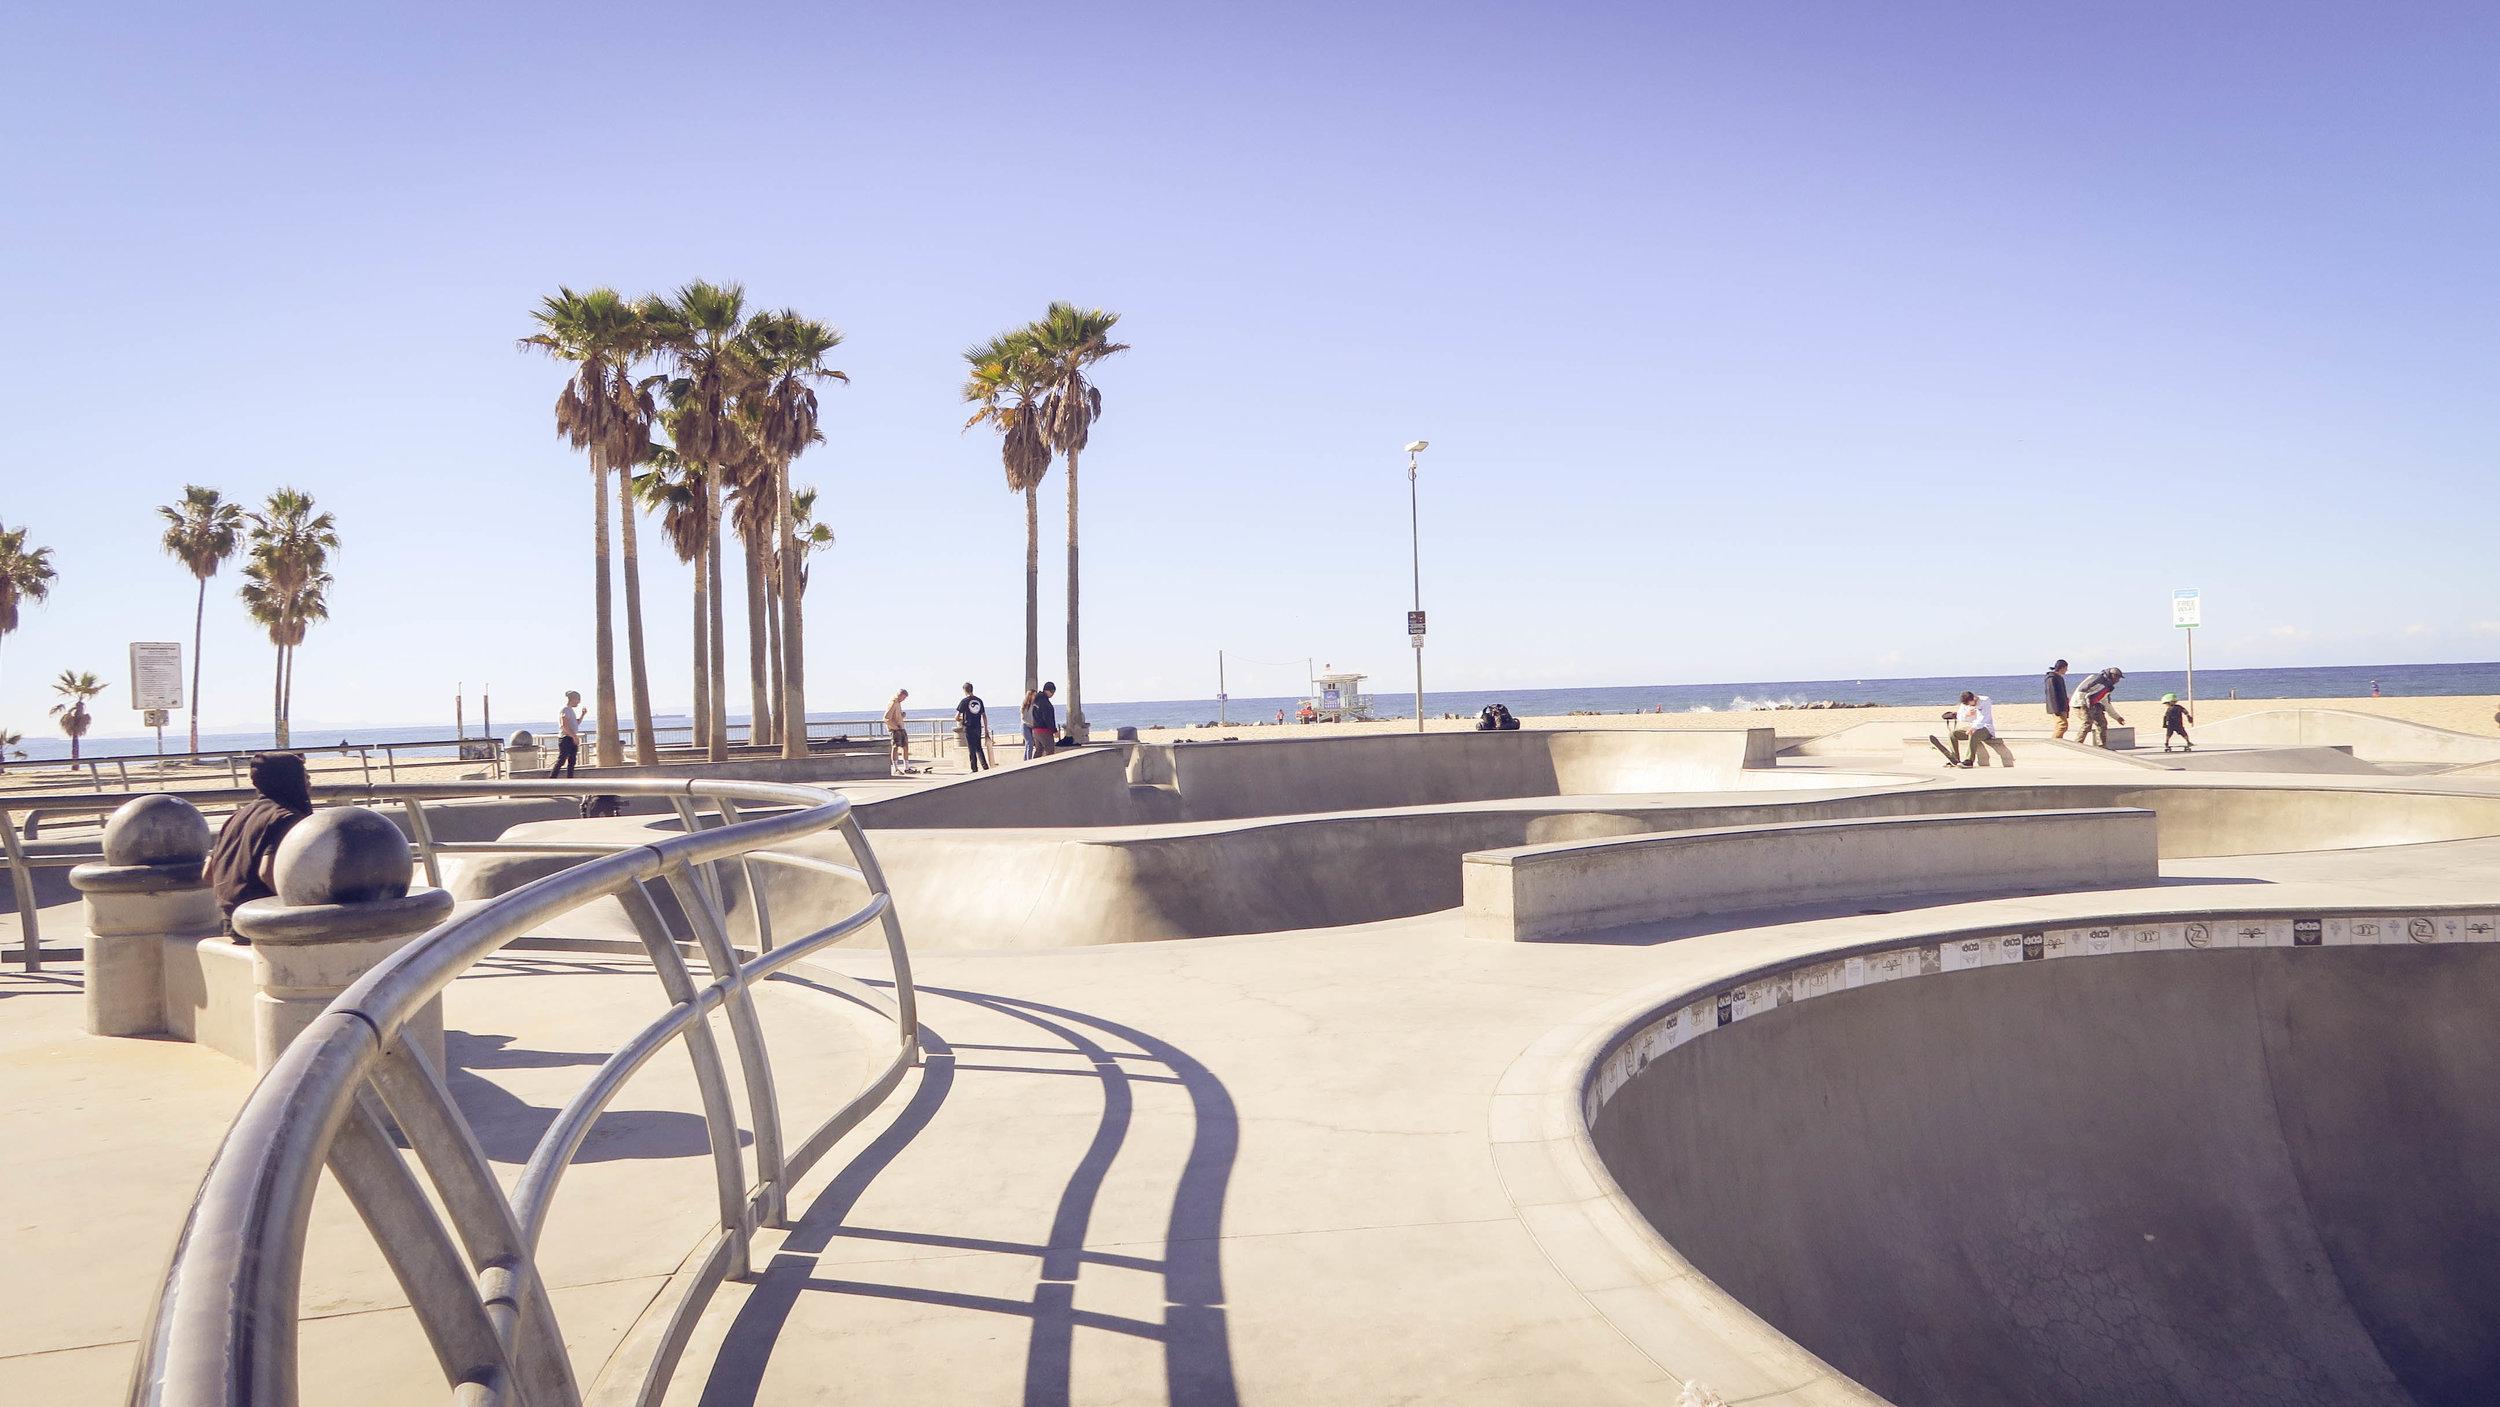 The Famous Venice Beach Skatepark